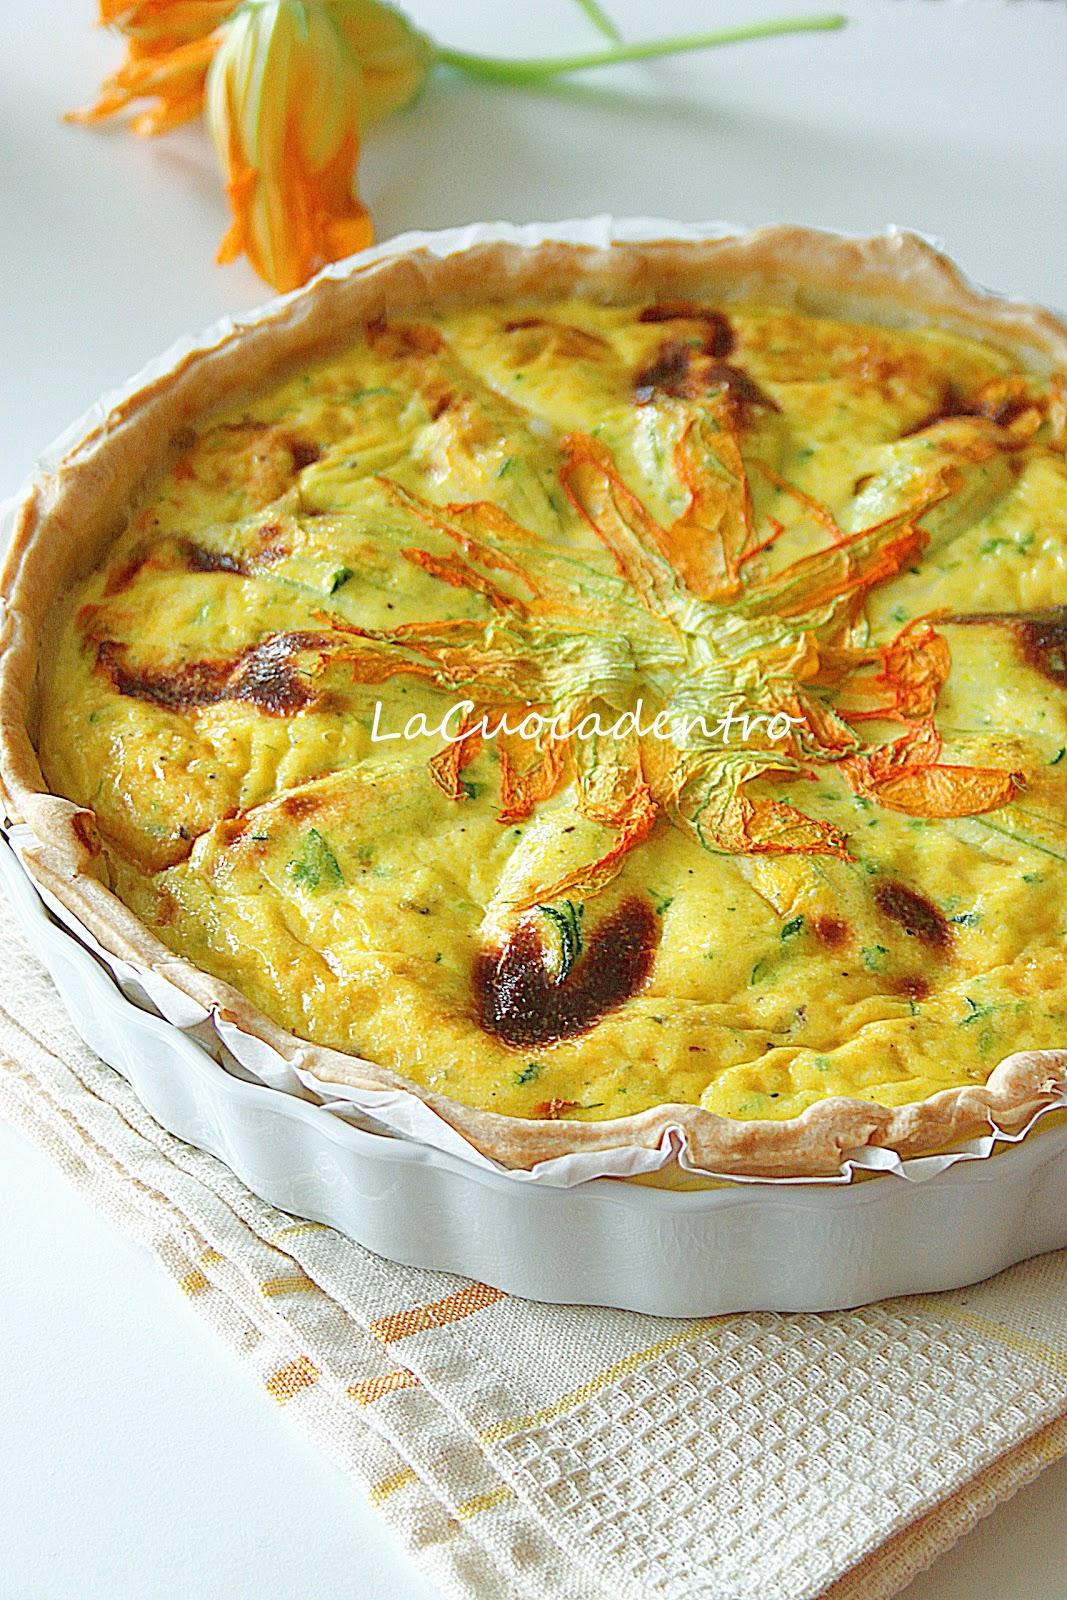 Quiche alle zucchine e fiori di zucca ripieni la cuoca - Torte salate decorate ...